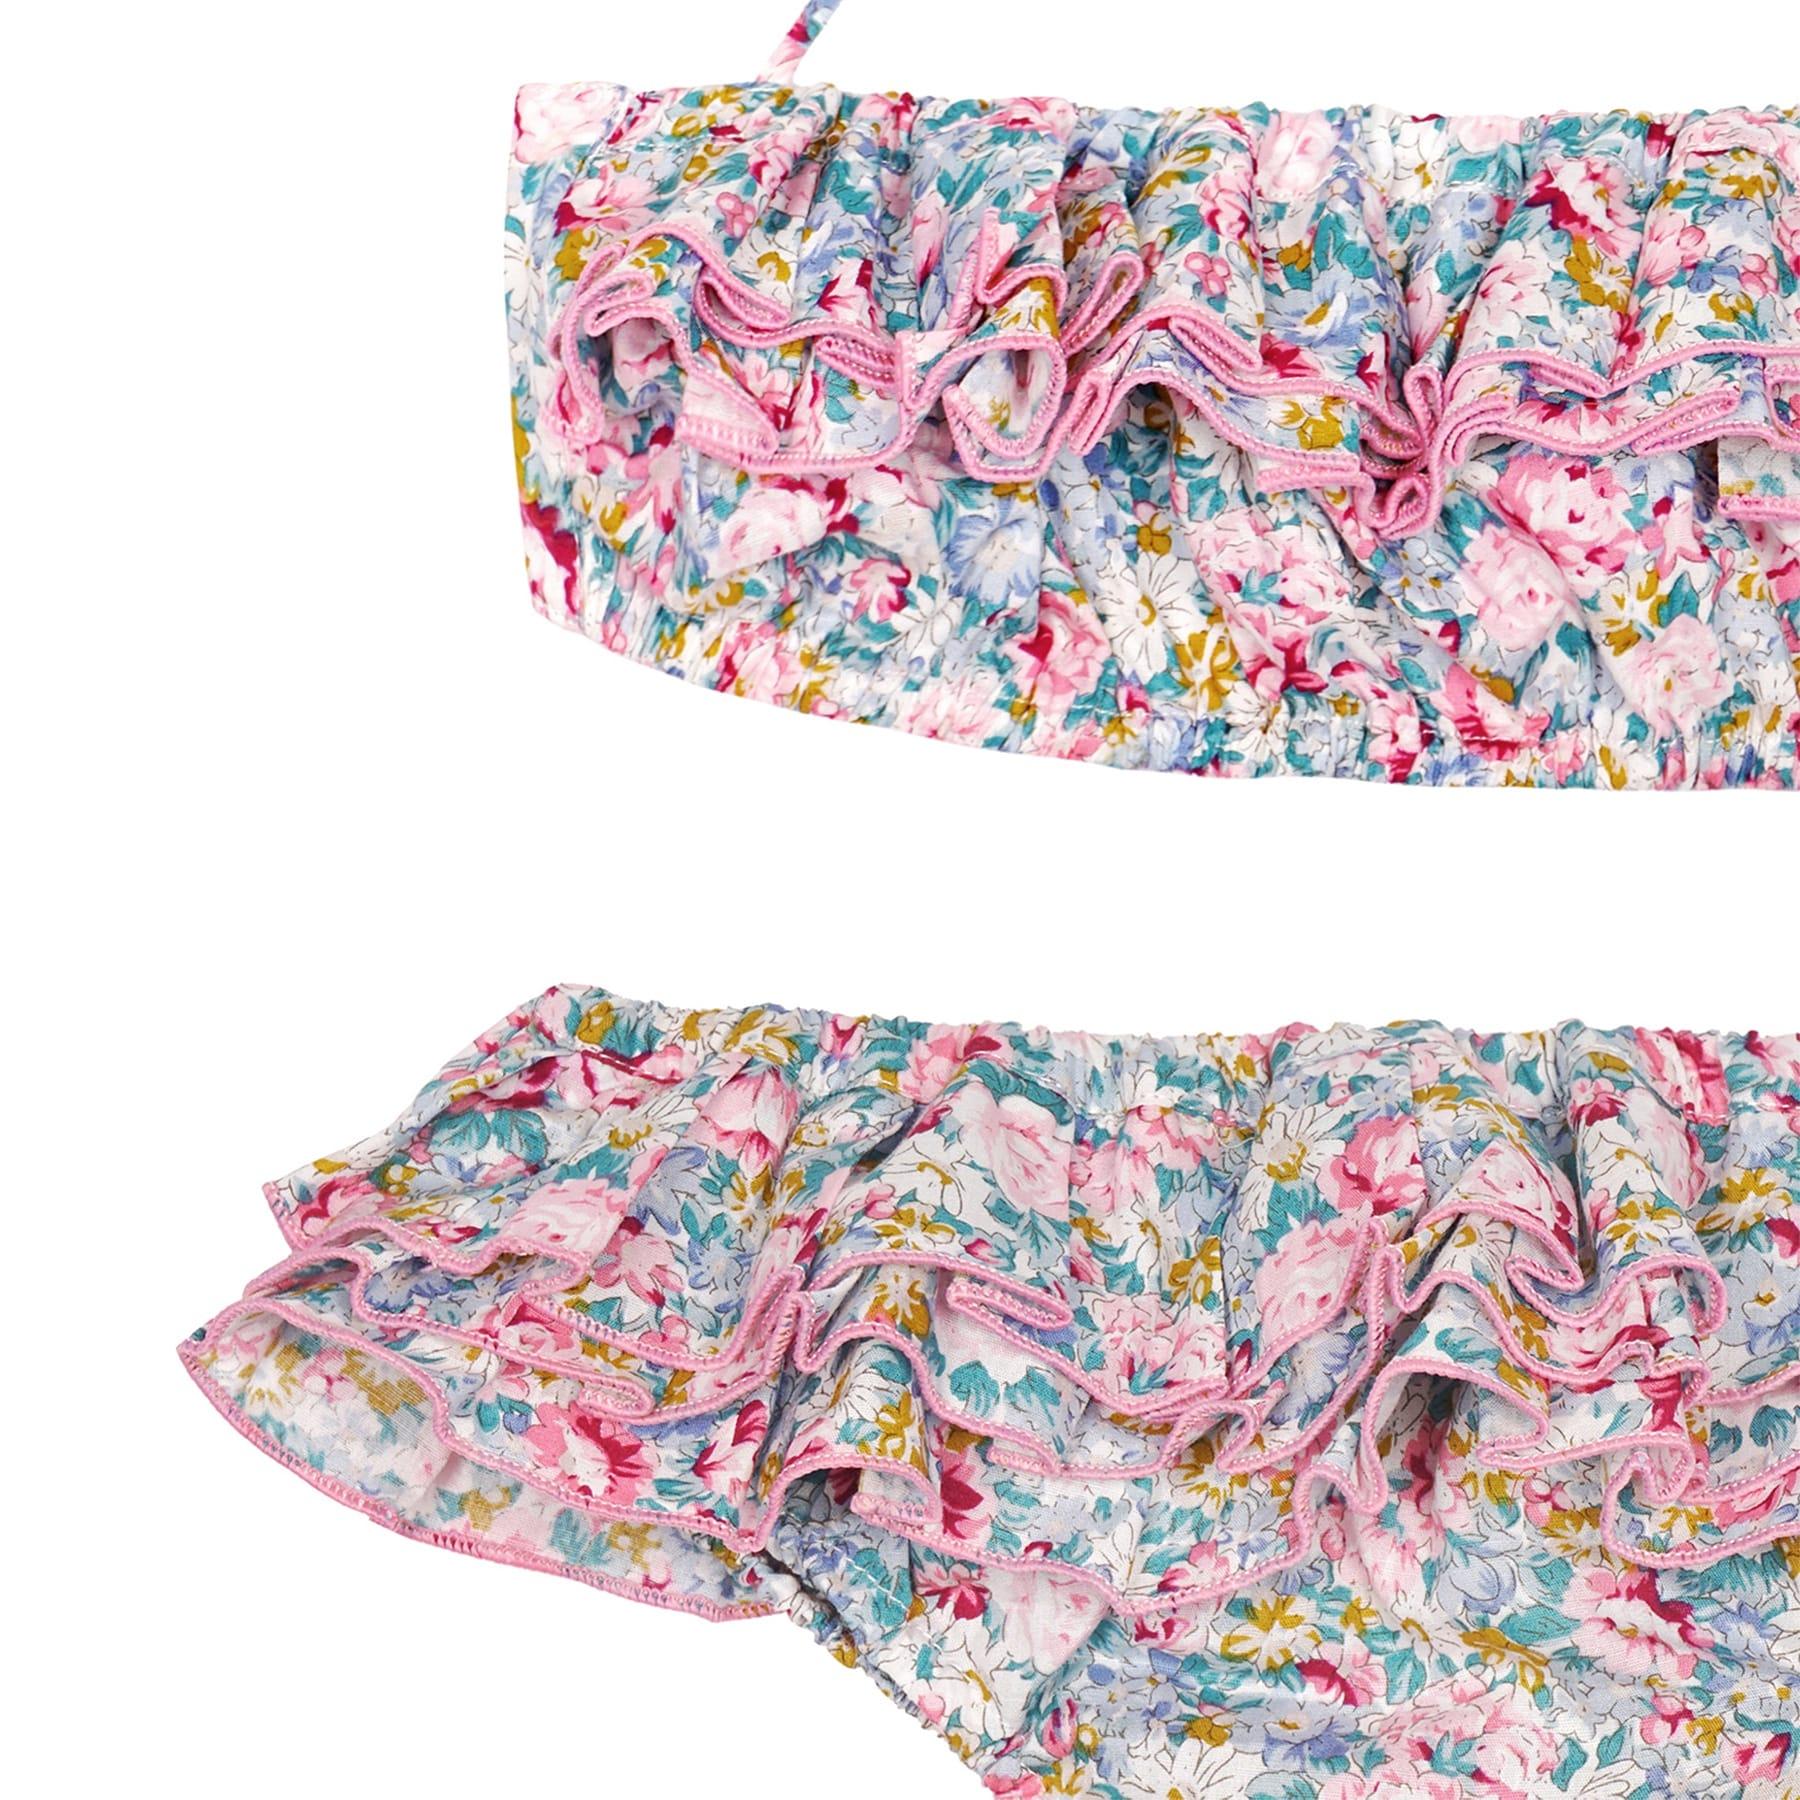 Maillot de bain bikini 2 pièces en coton fleuri liberty rose et bleu pâle avec volants et bretelles pour filles de 2 à 14 ans